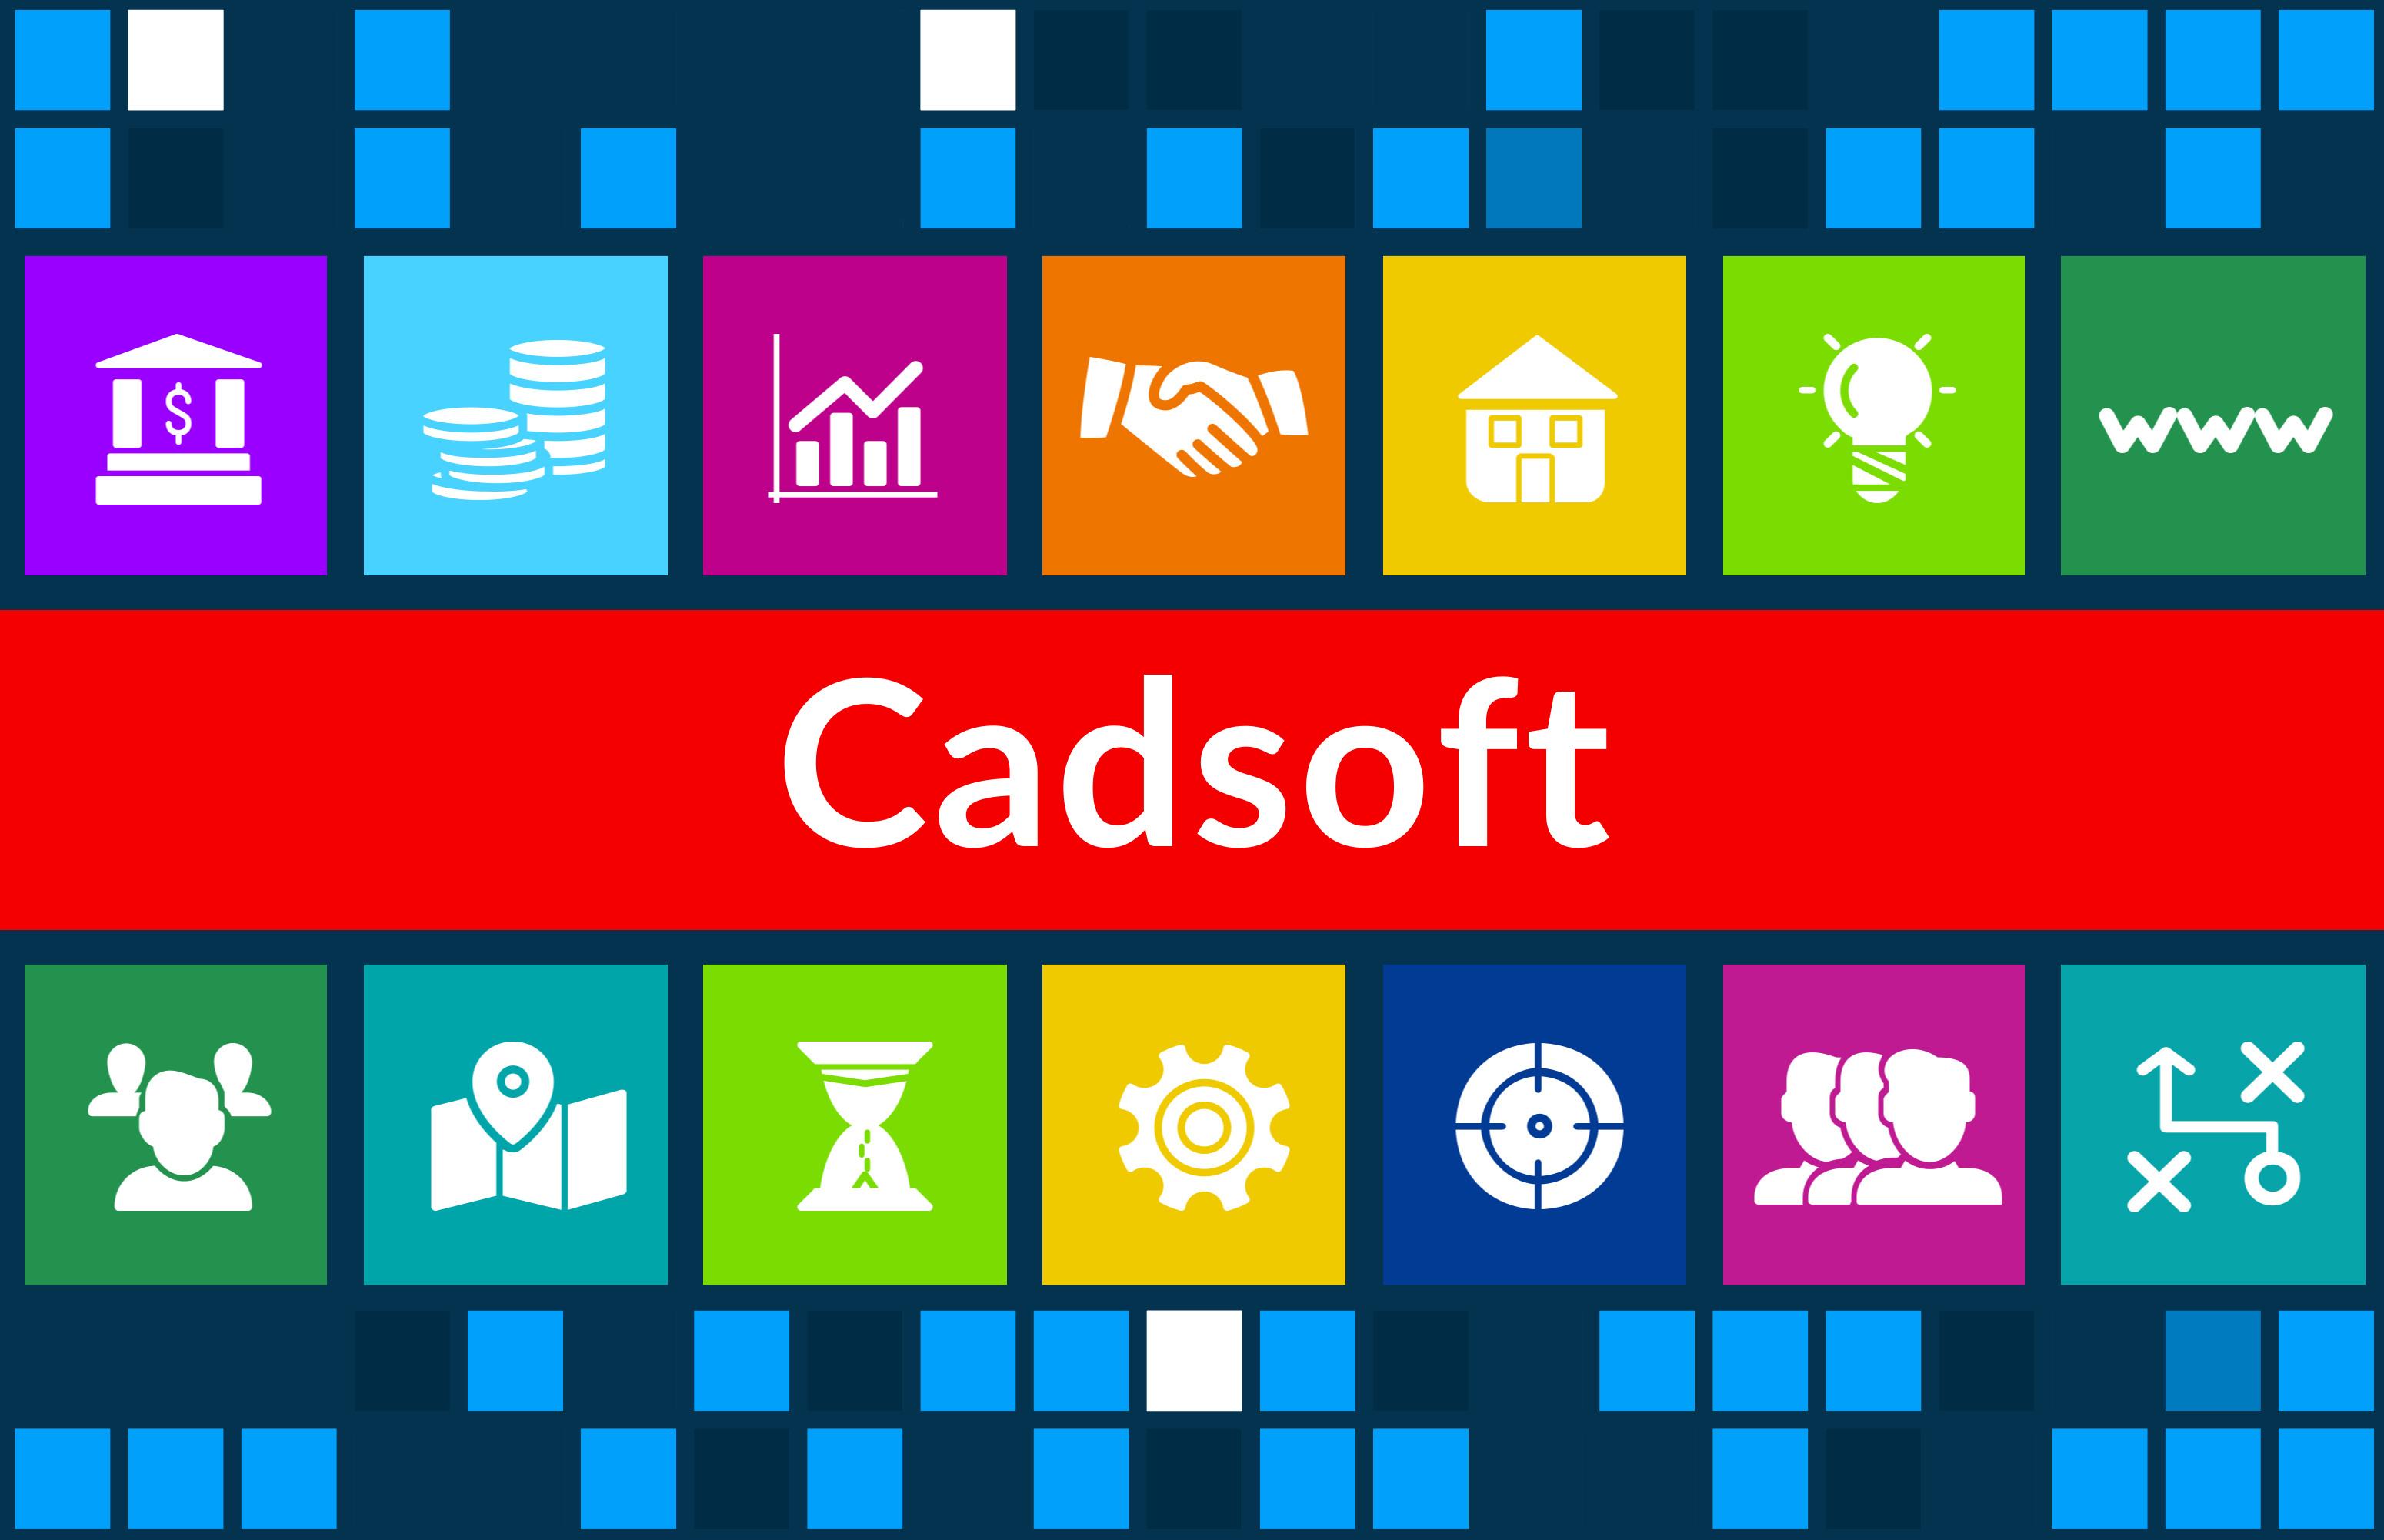 cadsoft serwis komputerowy pozycjonowanie stron, katalogowanie